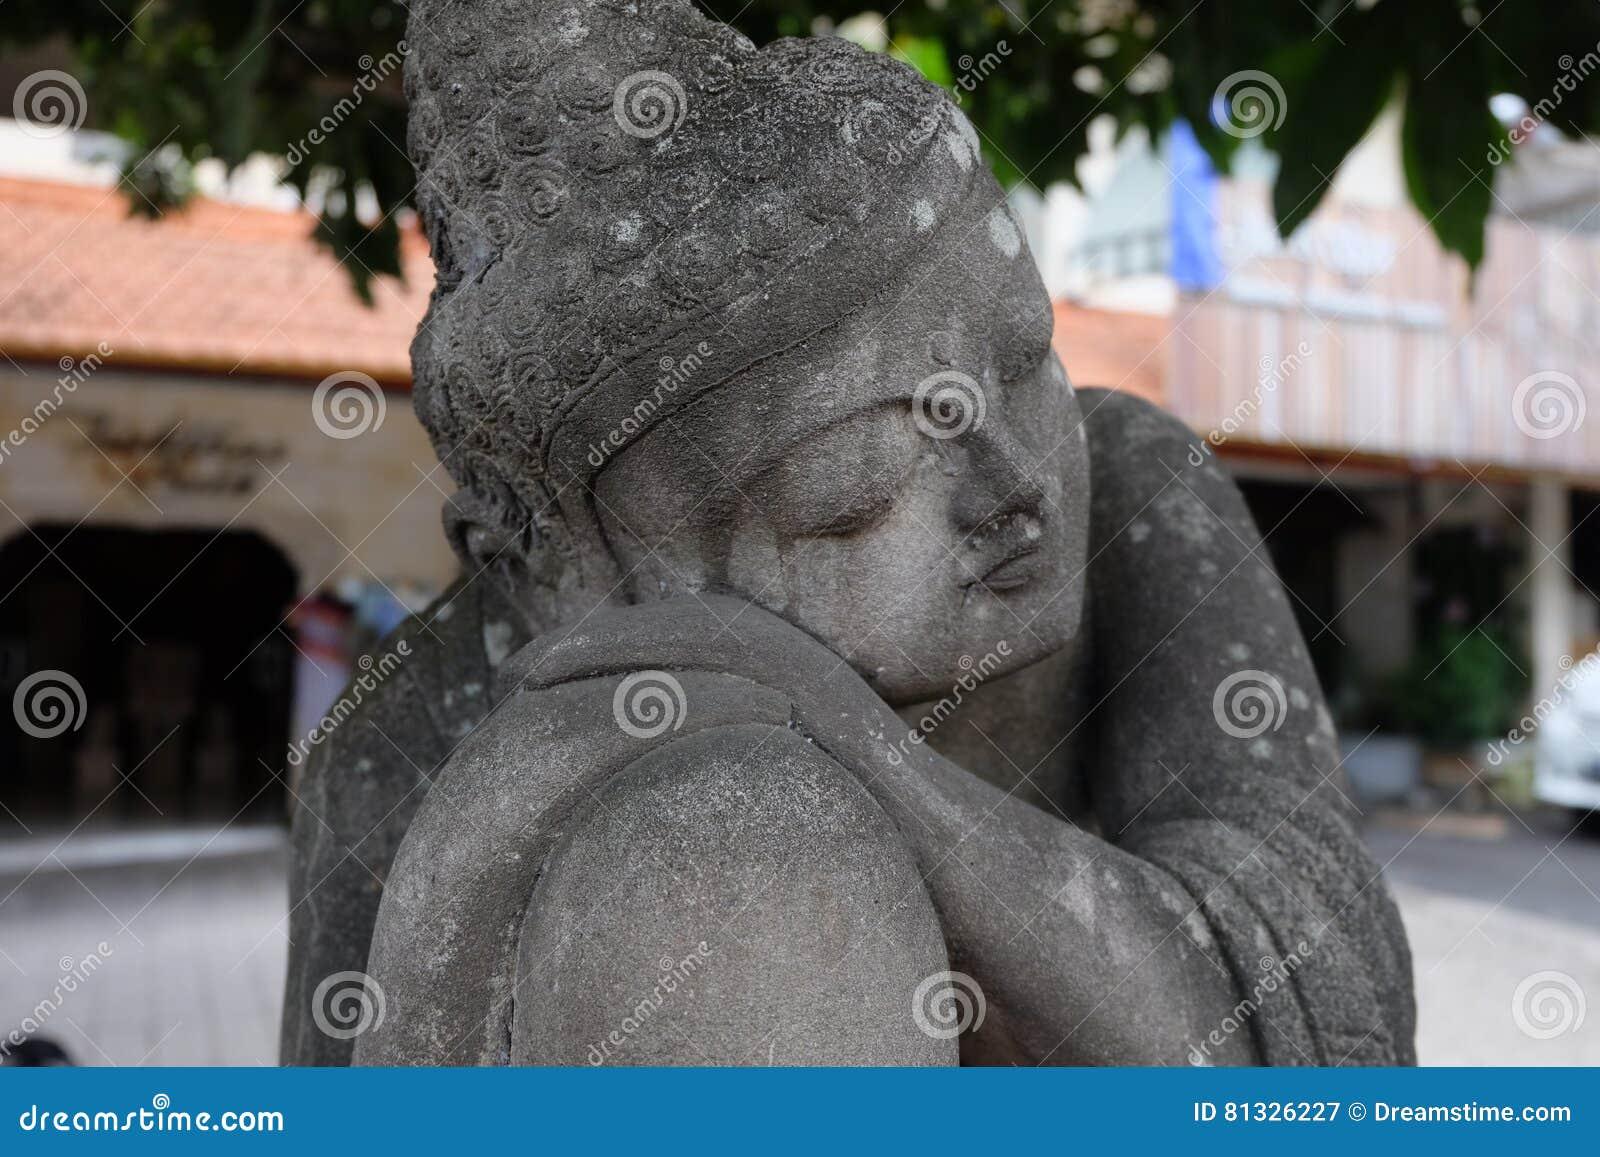 Buddha Statue in Ubud